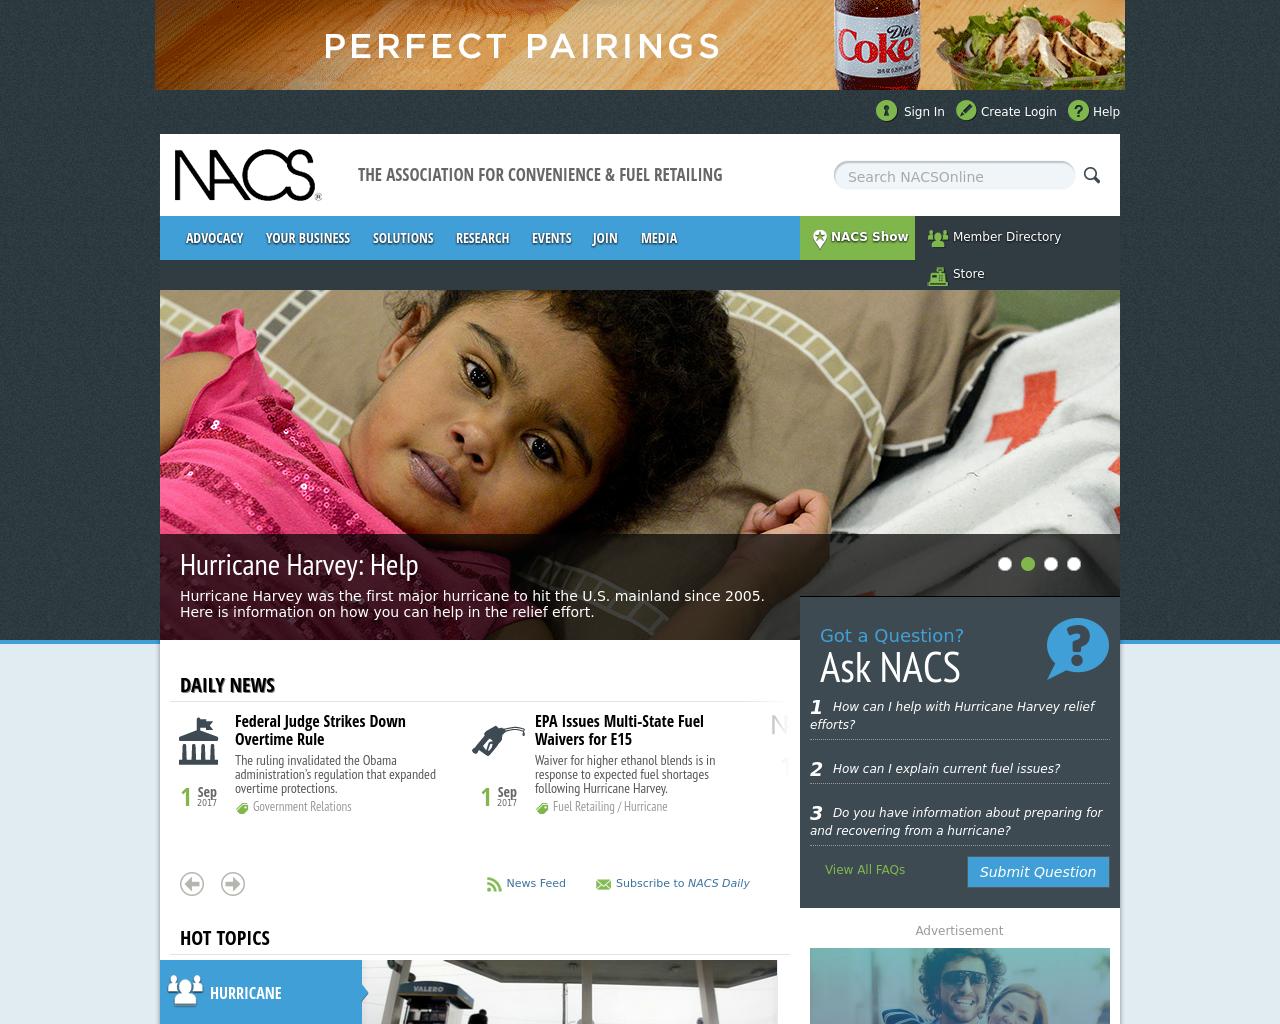 NACS-Advertising-Reviews-Pricing